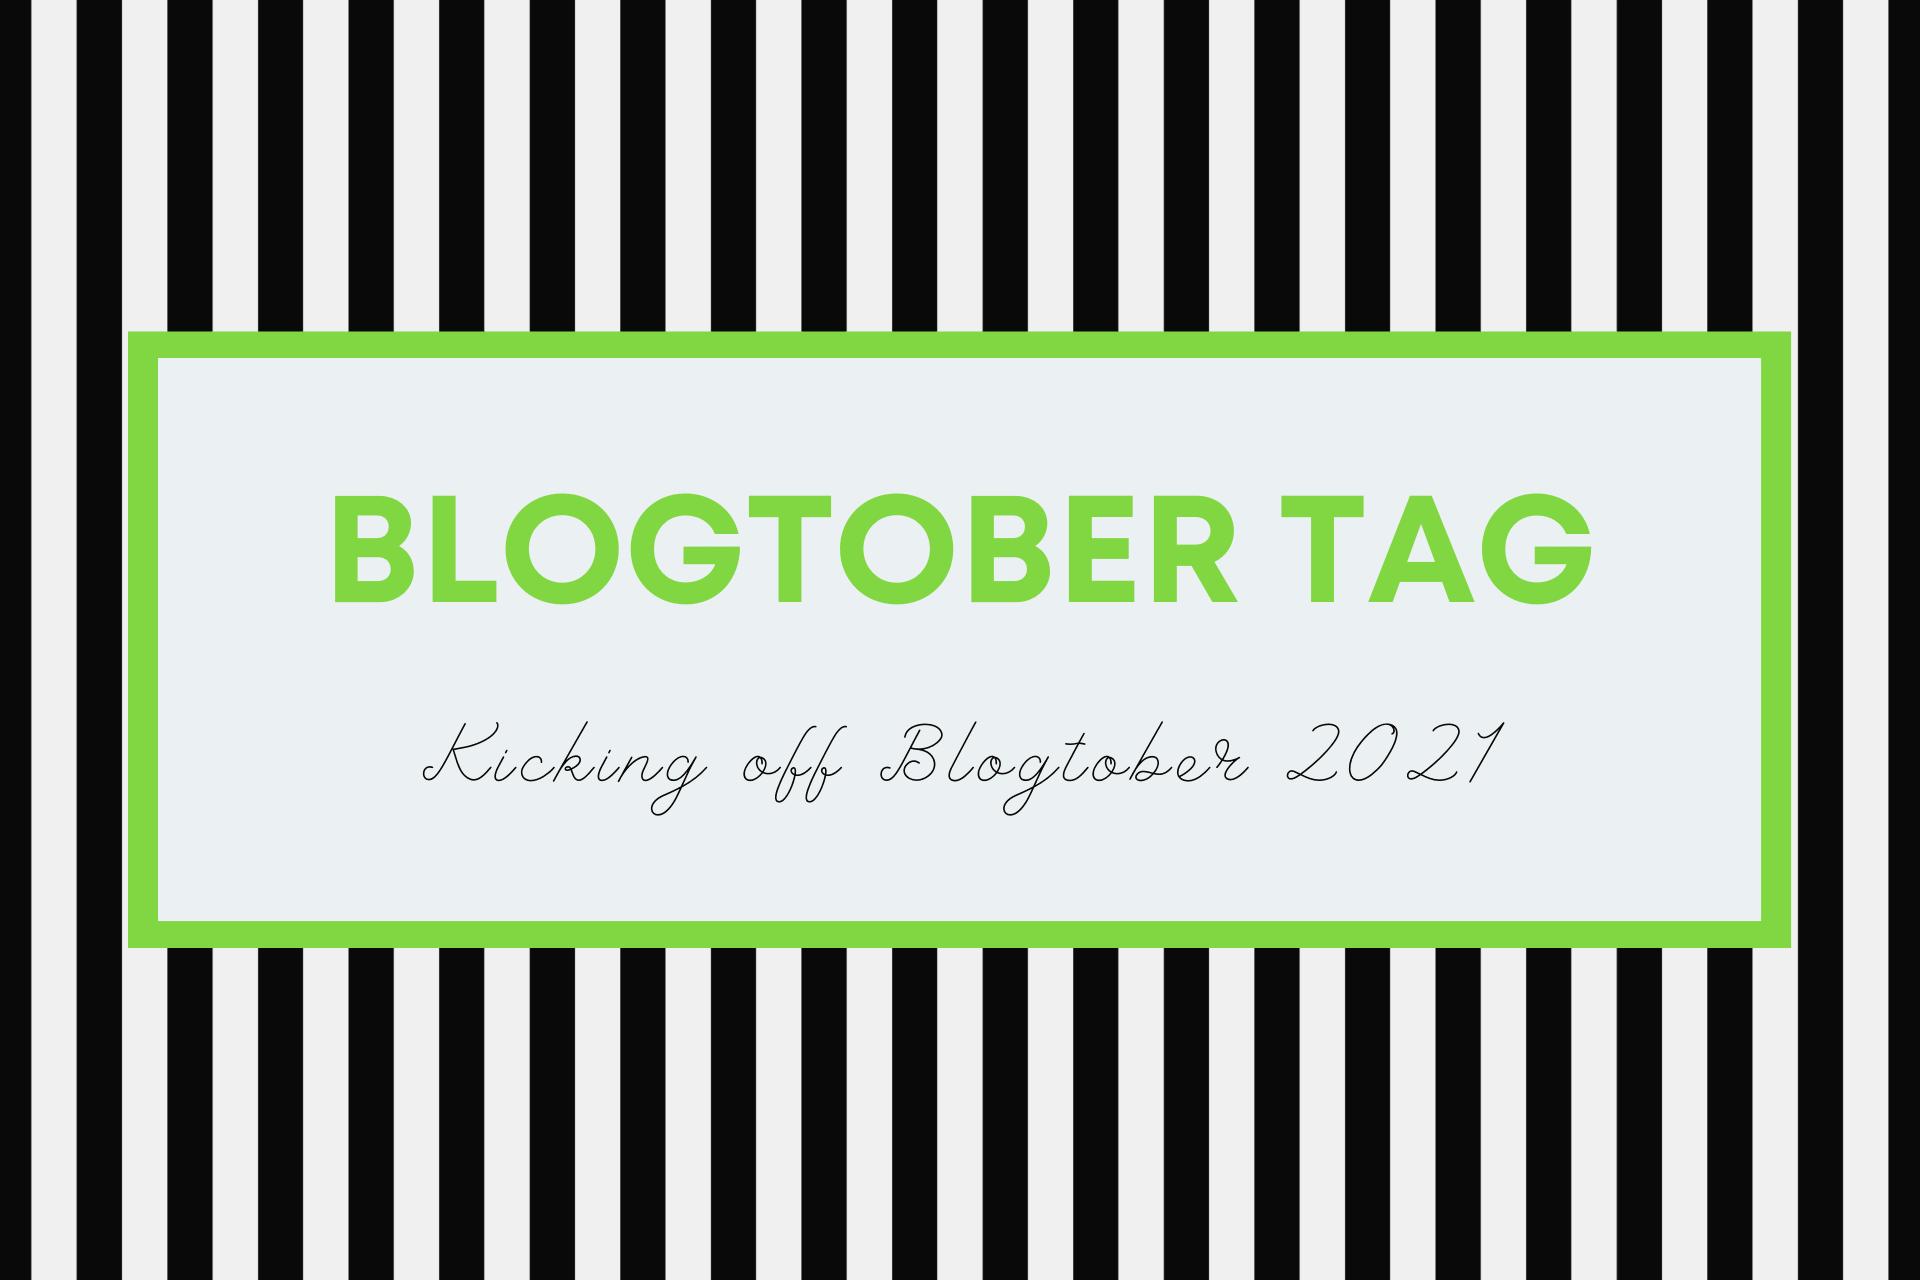 Blogtober Tag: Kicking off Blogtober 2021